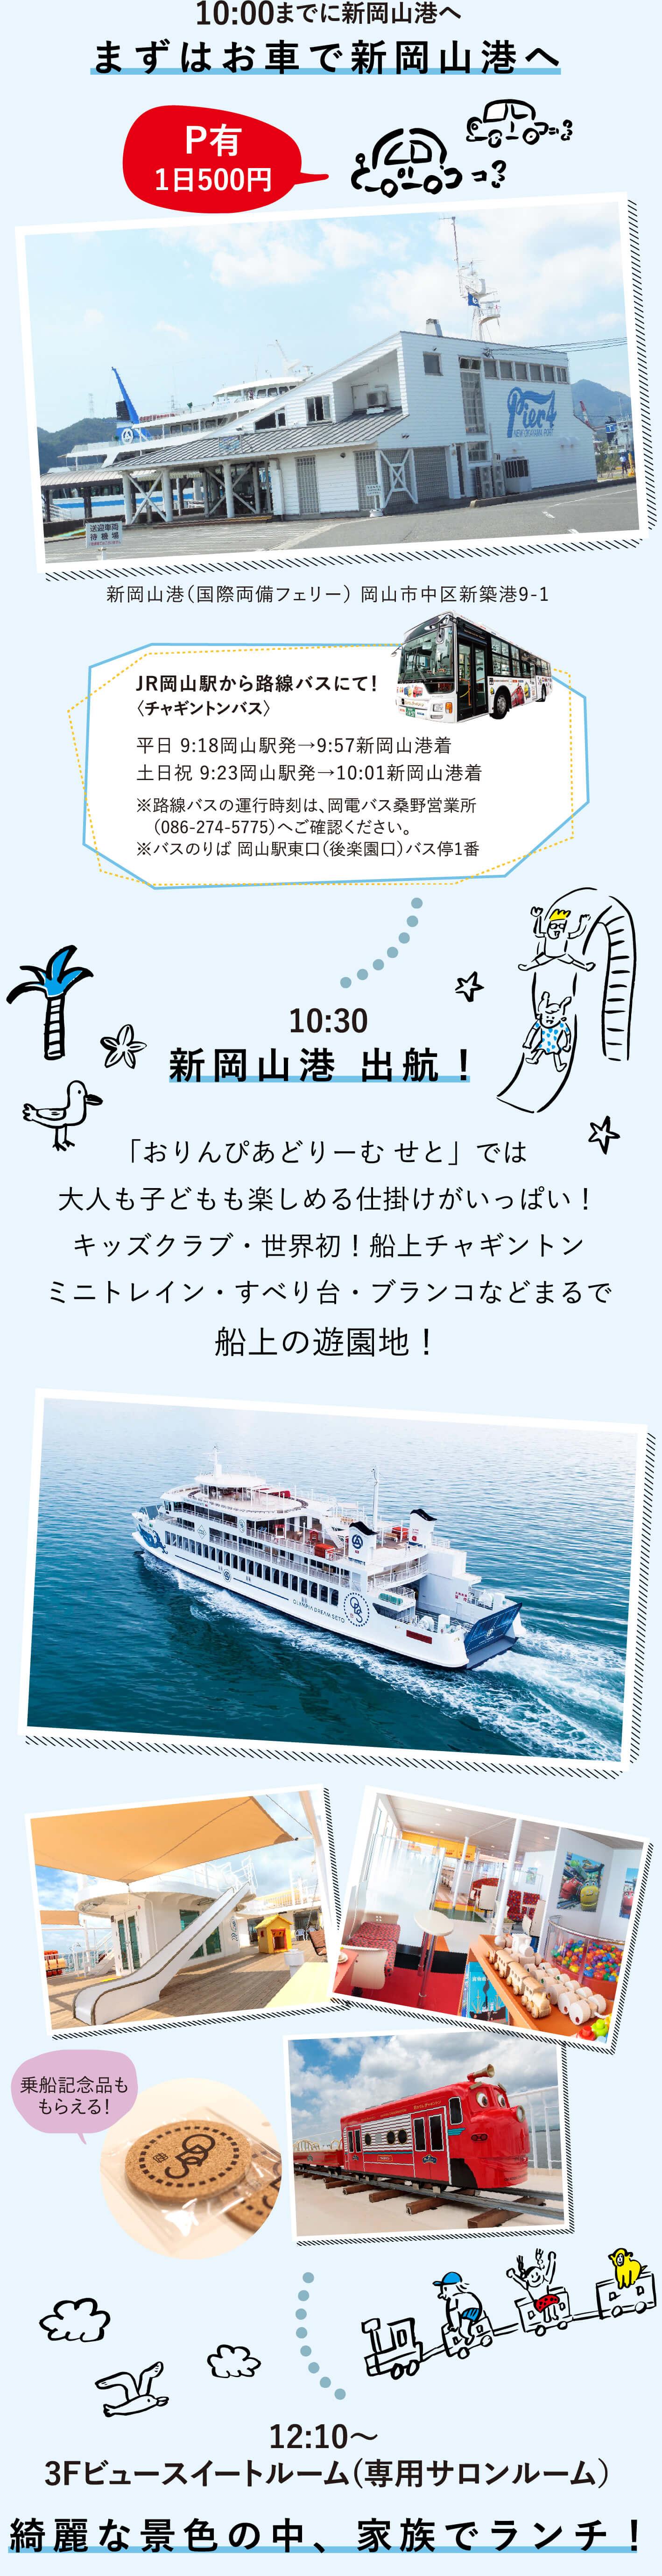 【10:00までに新岡山港へ】まずはお車で新岡山港へ【10:30】新岡山港 出航!【12:10〜】3Fビュースイートルーム(専用サロンルーム)綺麗な景色の中、家族でランチ!